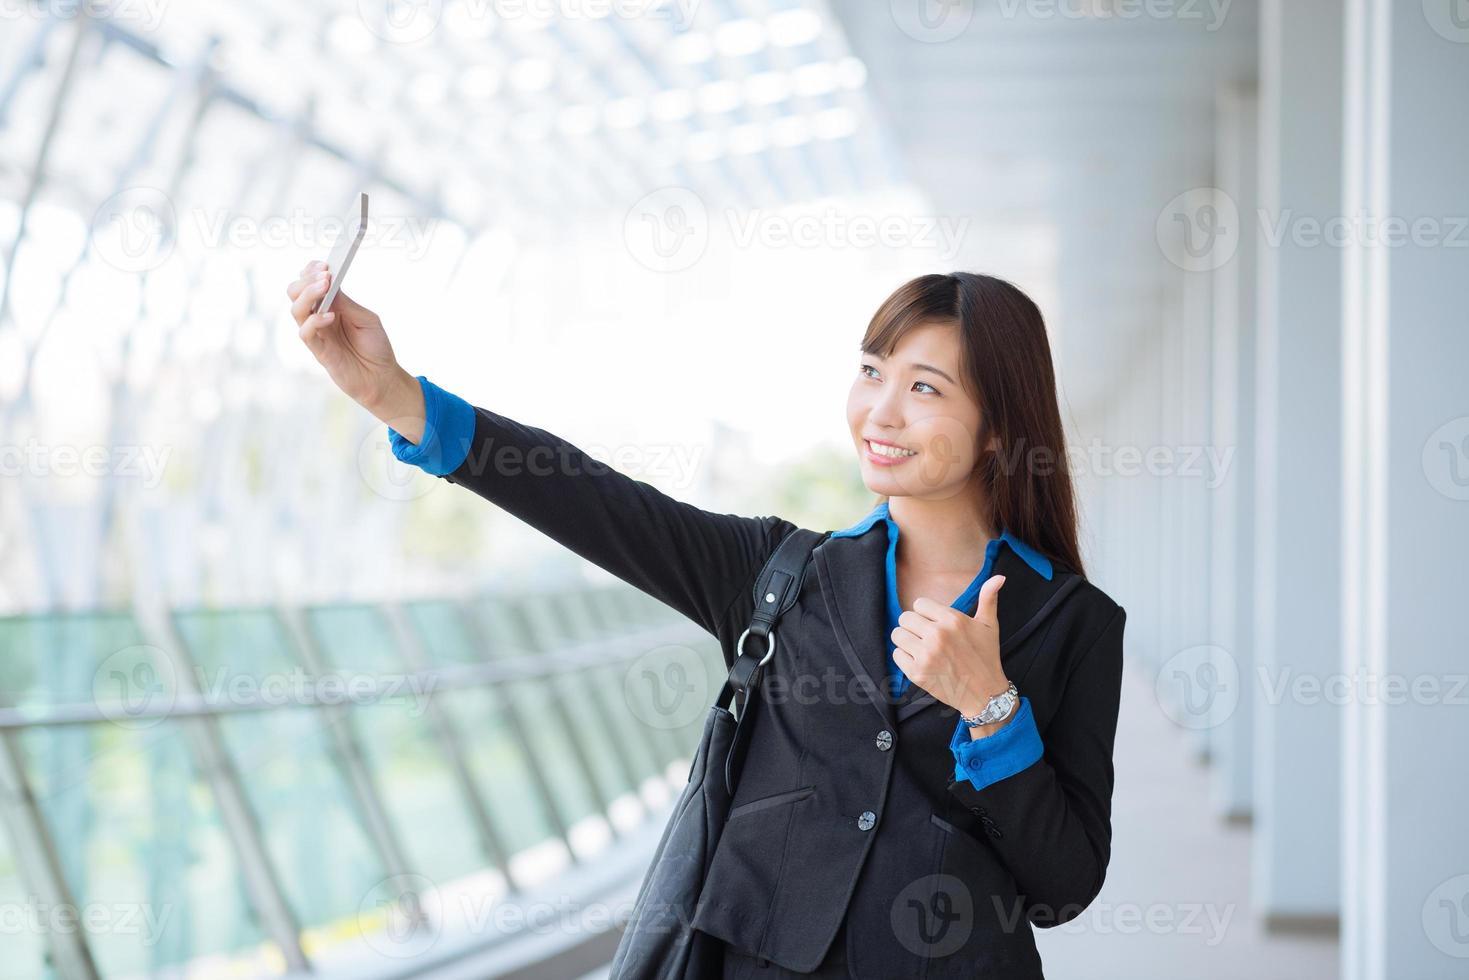 tomando selfie foto